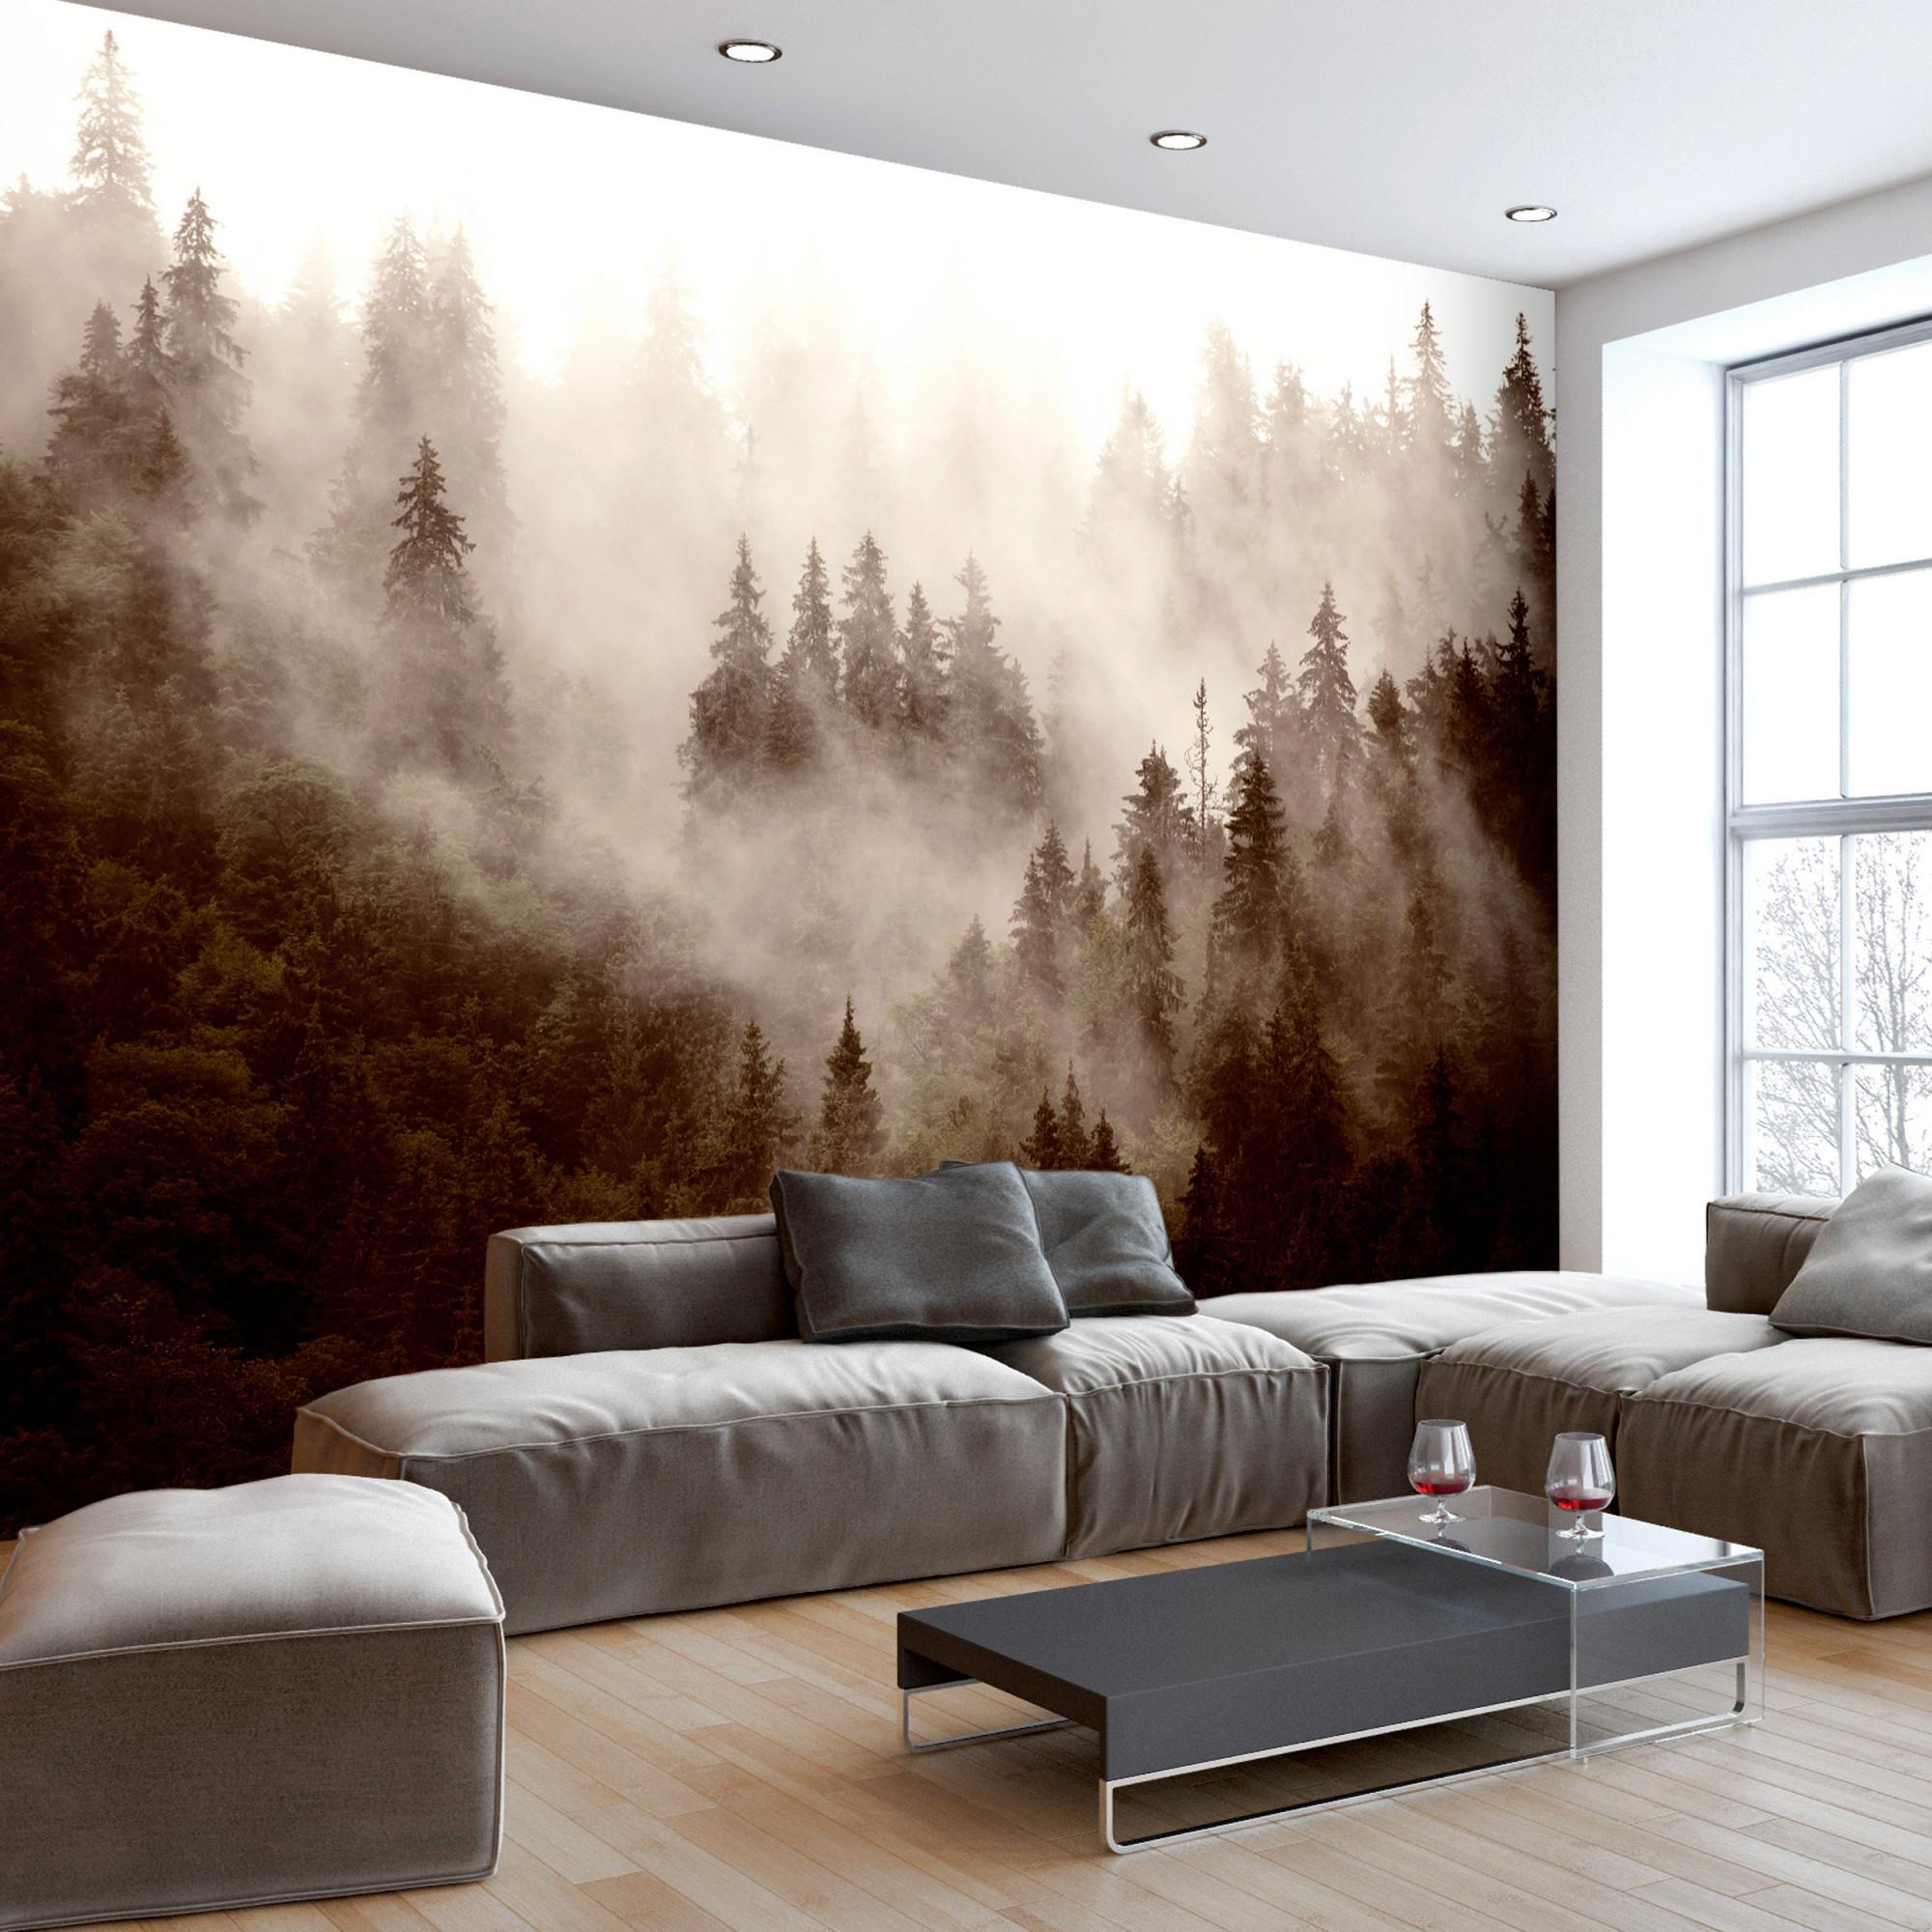 Naturmotive Wald Bäume Wandbild Wohnzimmer Schwarz Weiß In